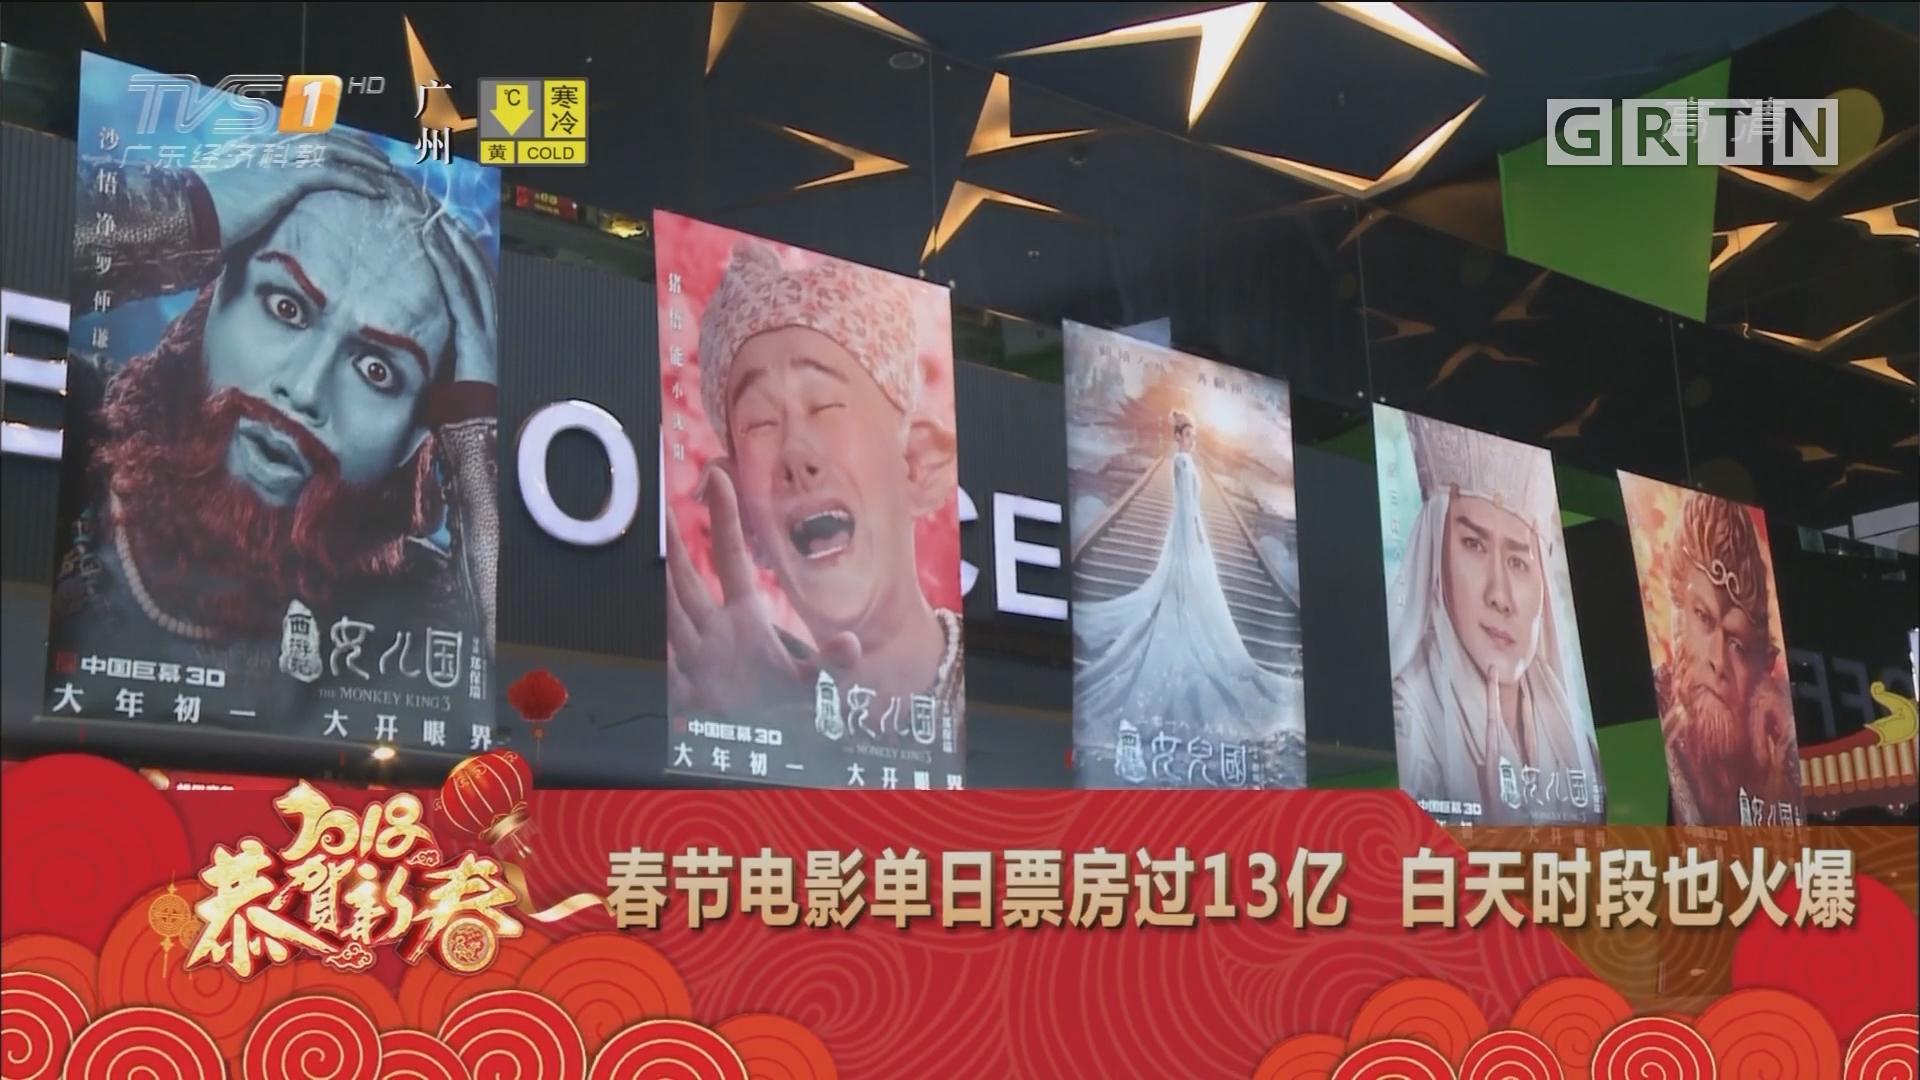 春节电影单日票房过13亿 白天时段也火爆